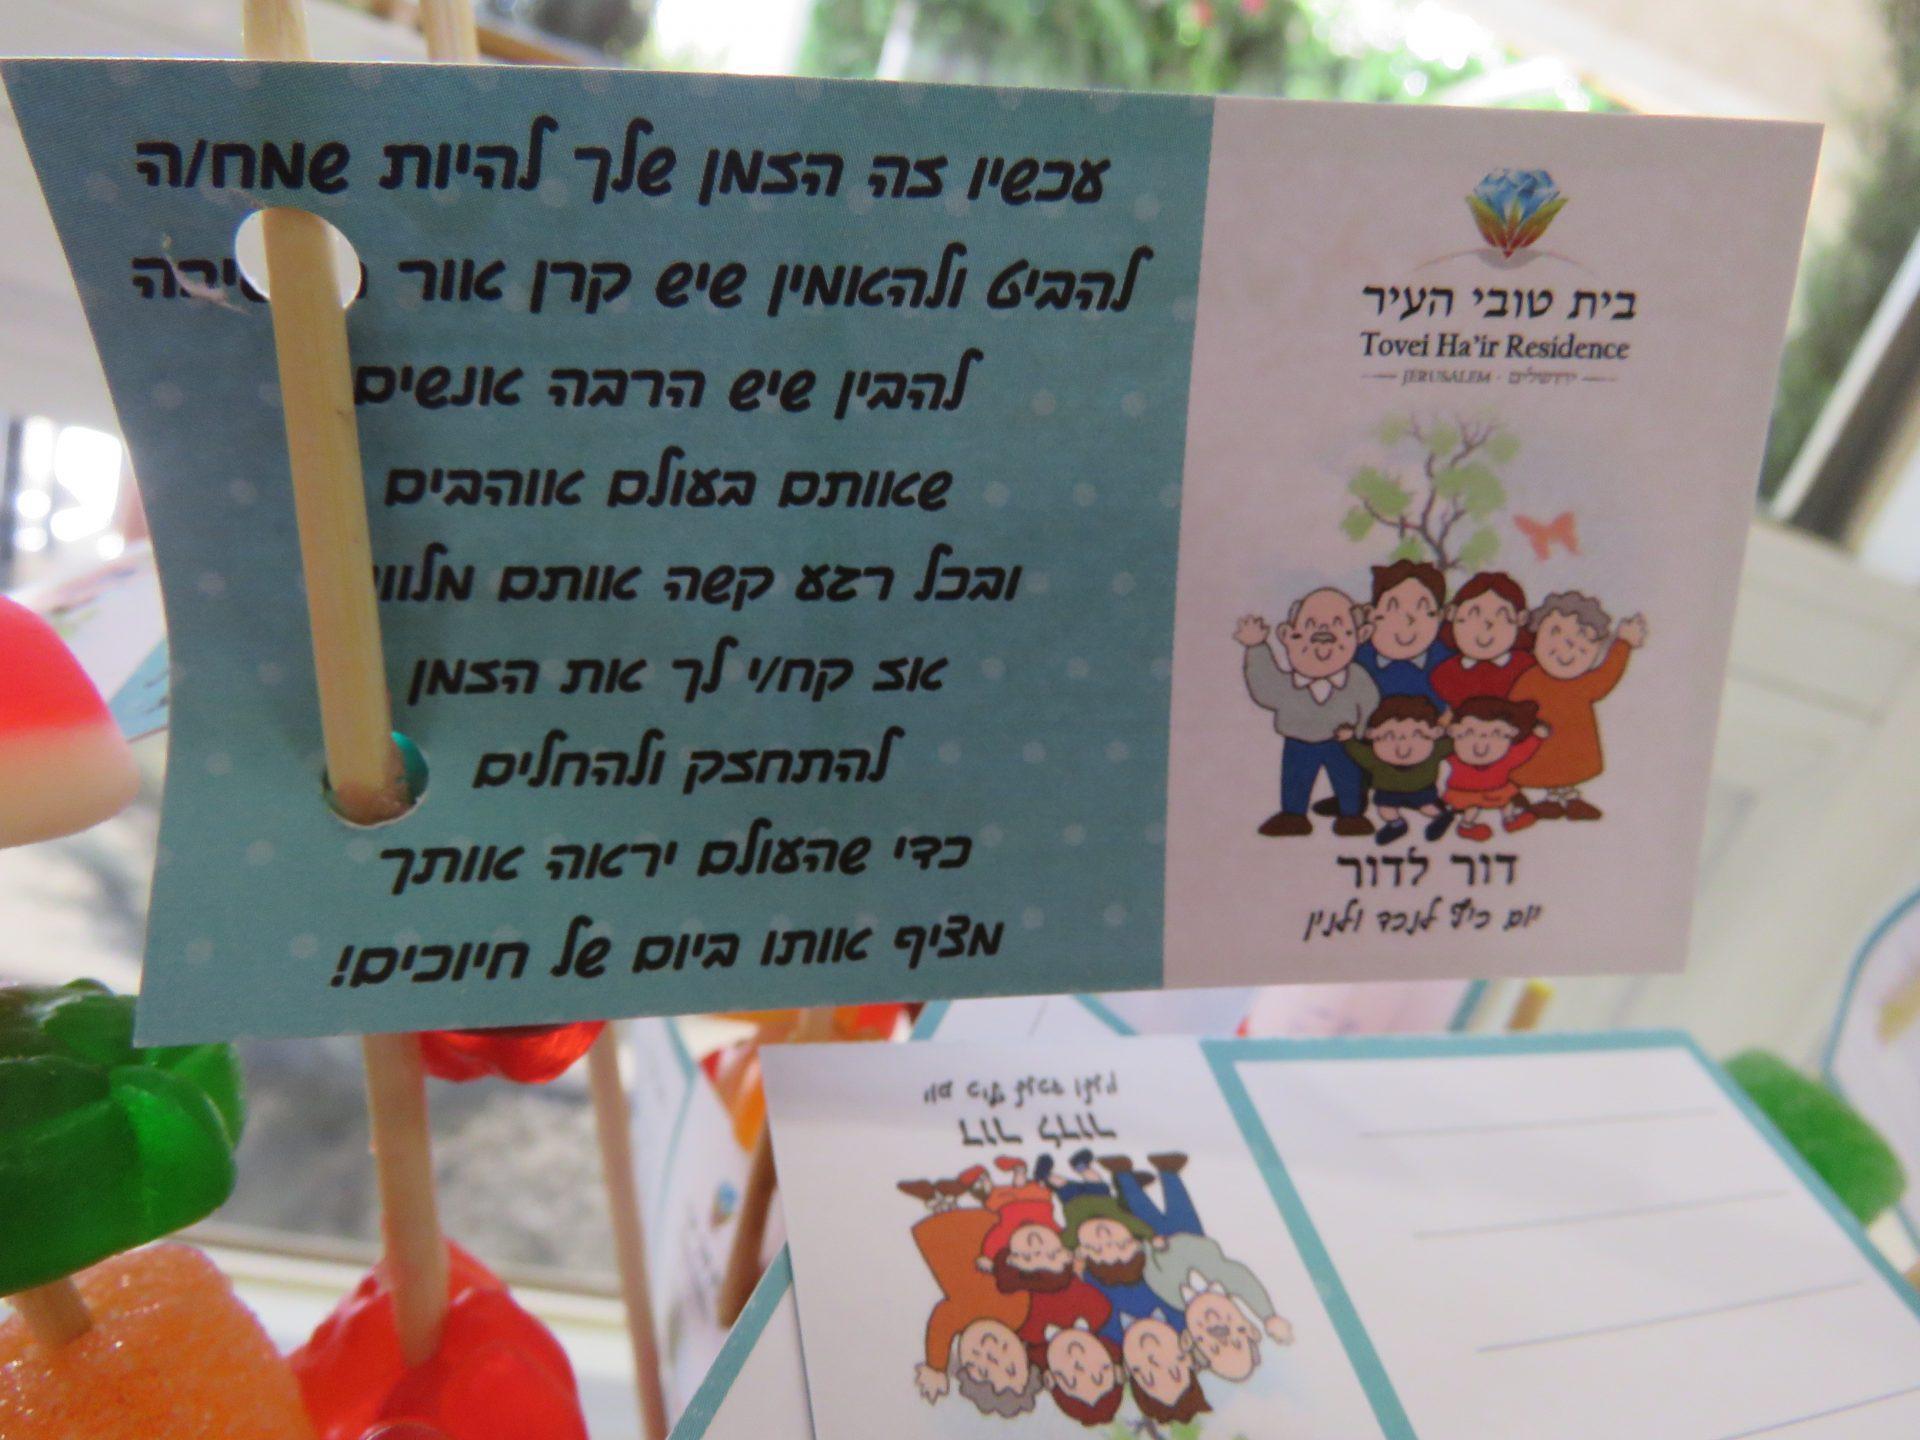 פעילויות לגיל השלישי בירושלים